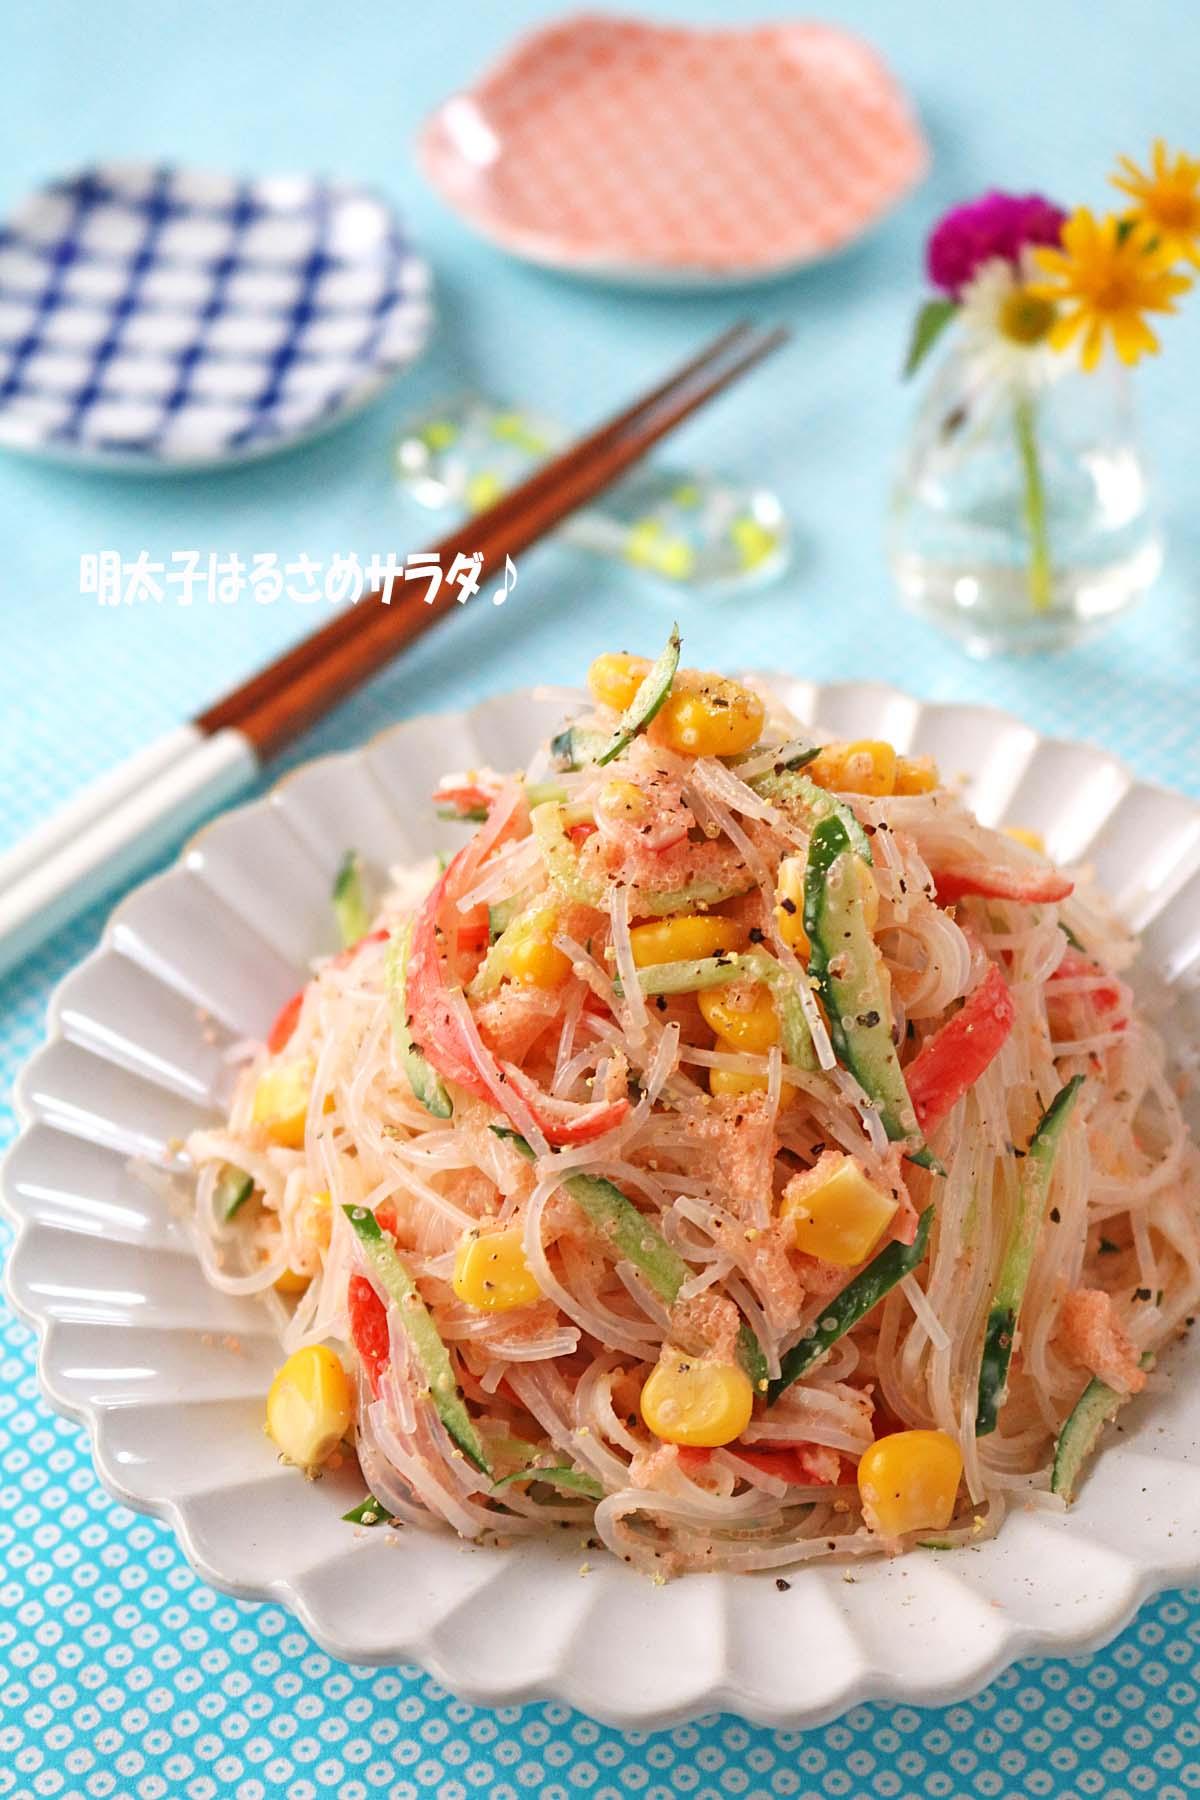 プチプチ食感にやみつき♪「和風明太子の春雨サラダ」